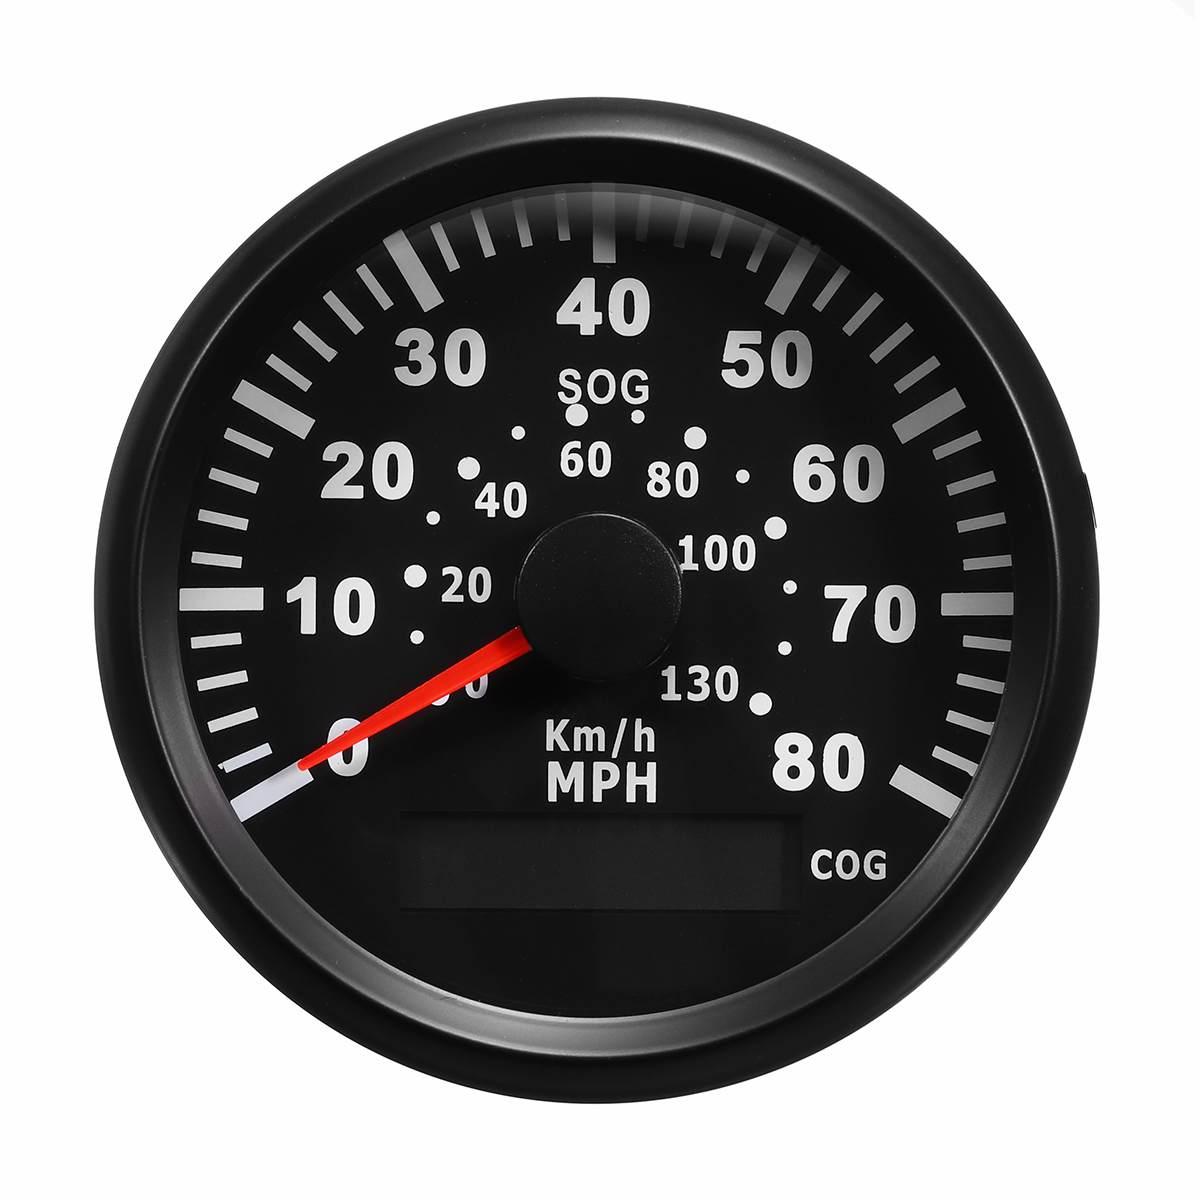 LCD 80MPH 130 km/h GPS compteur de vitesse odomètre jauge capteur de vitesse pour voiture camion moto bateau marin véhicules automobiles ATV remplacement